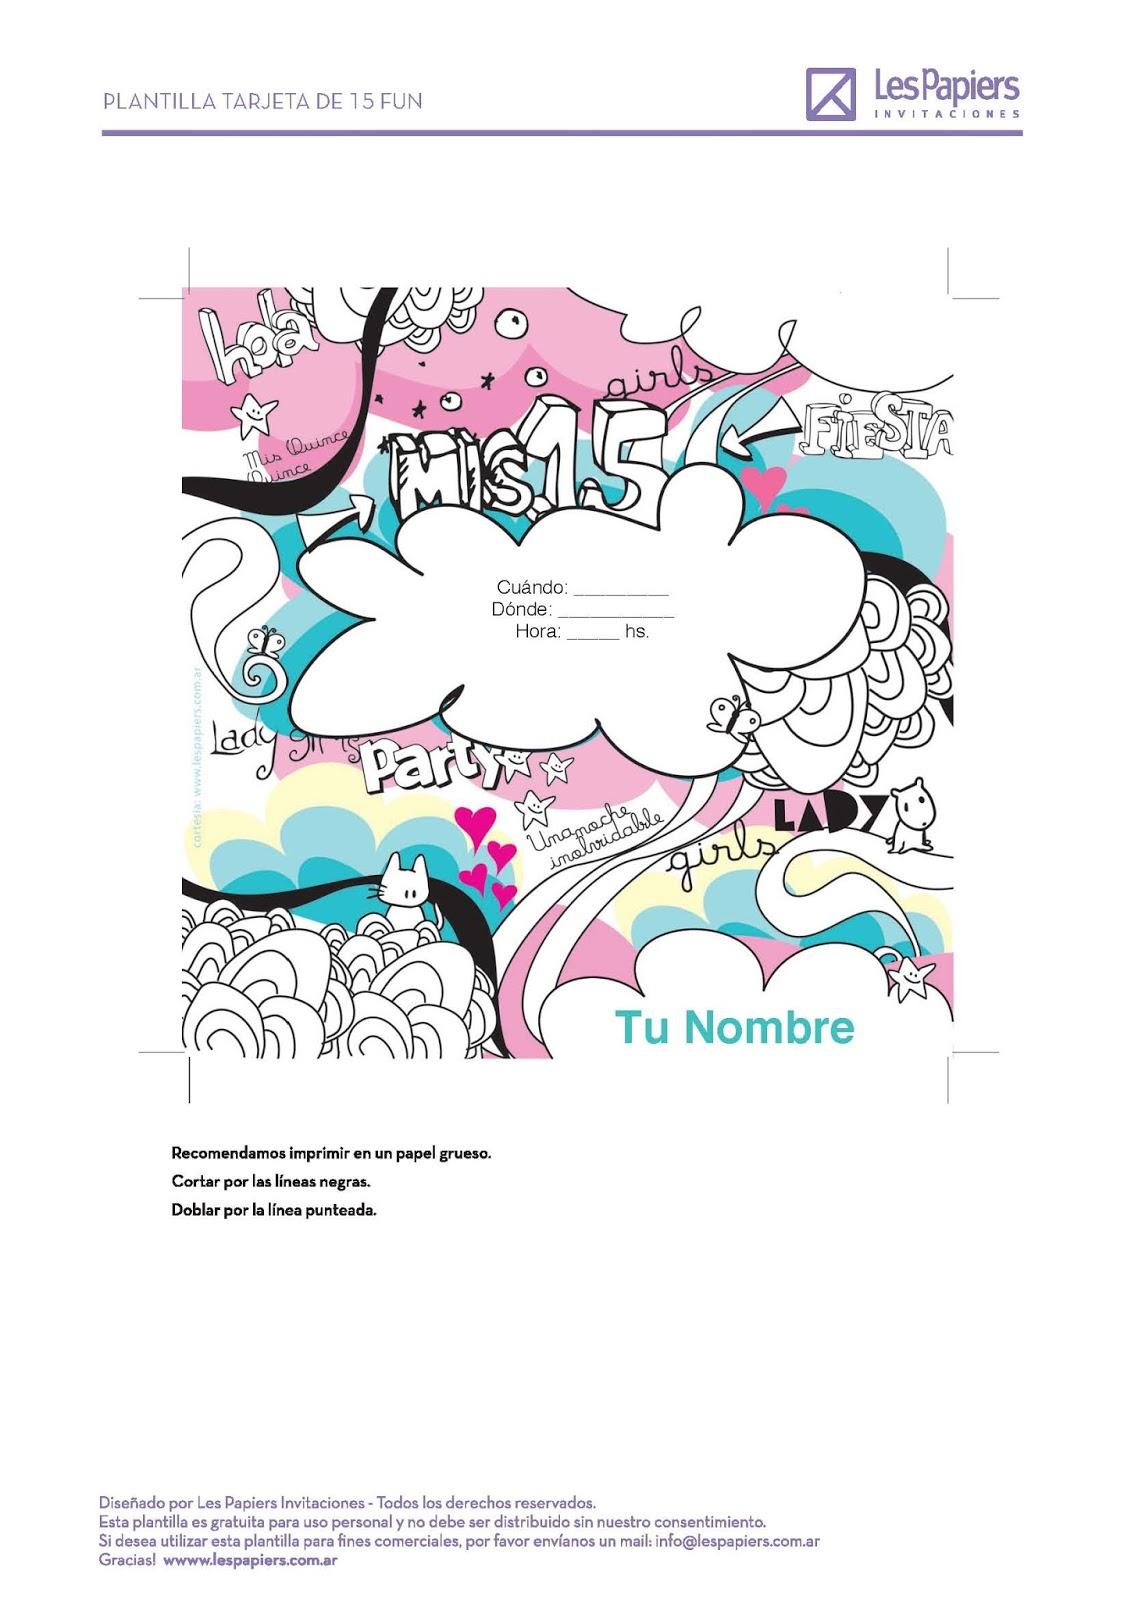 Les Papiers Invitaciones: Tarjetas de 15 años gratis para imprimir ...